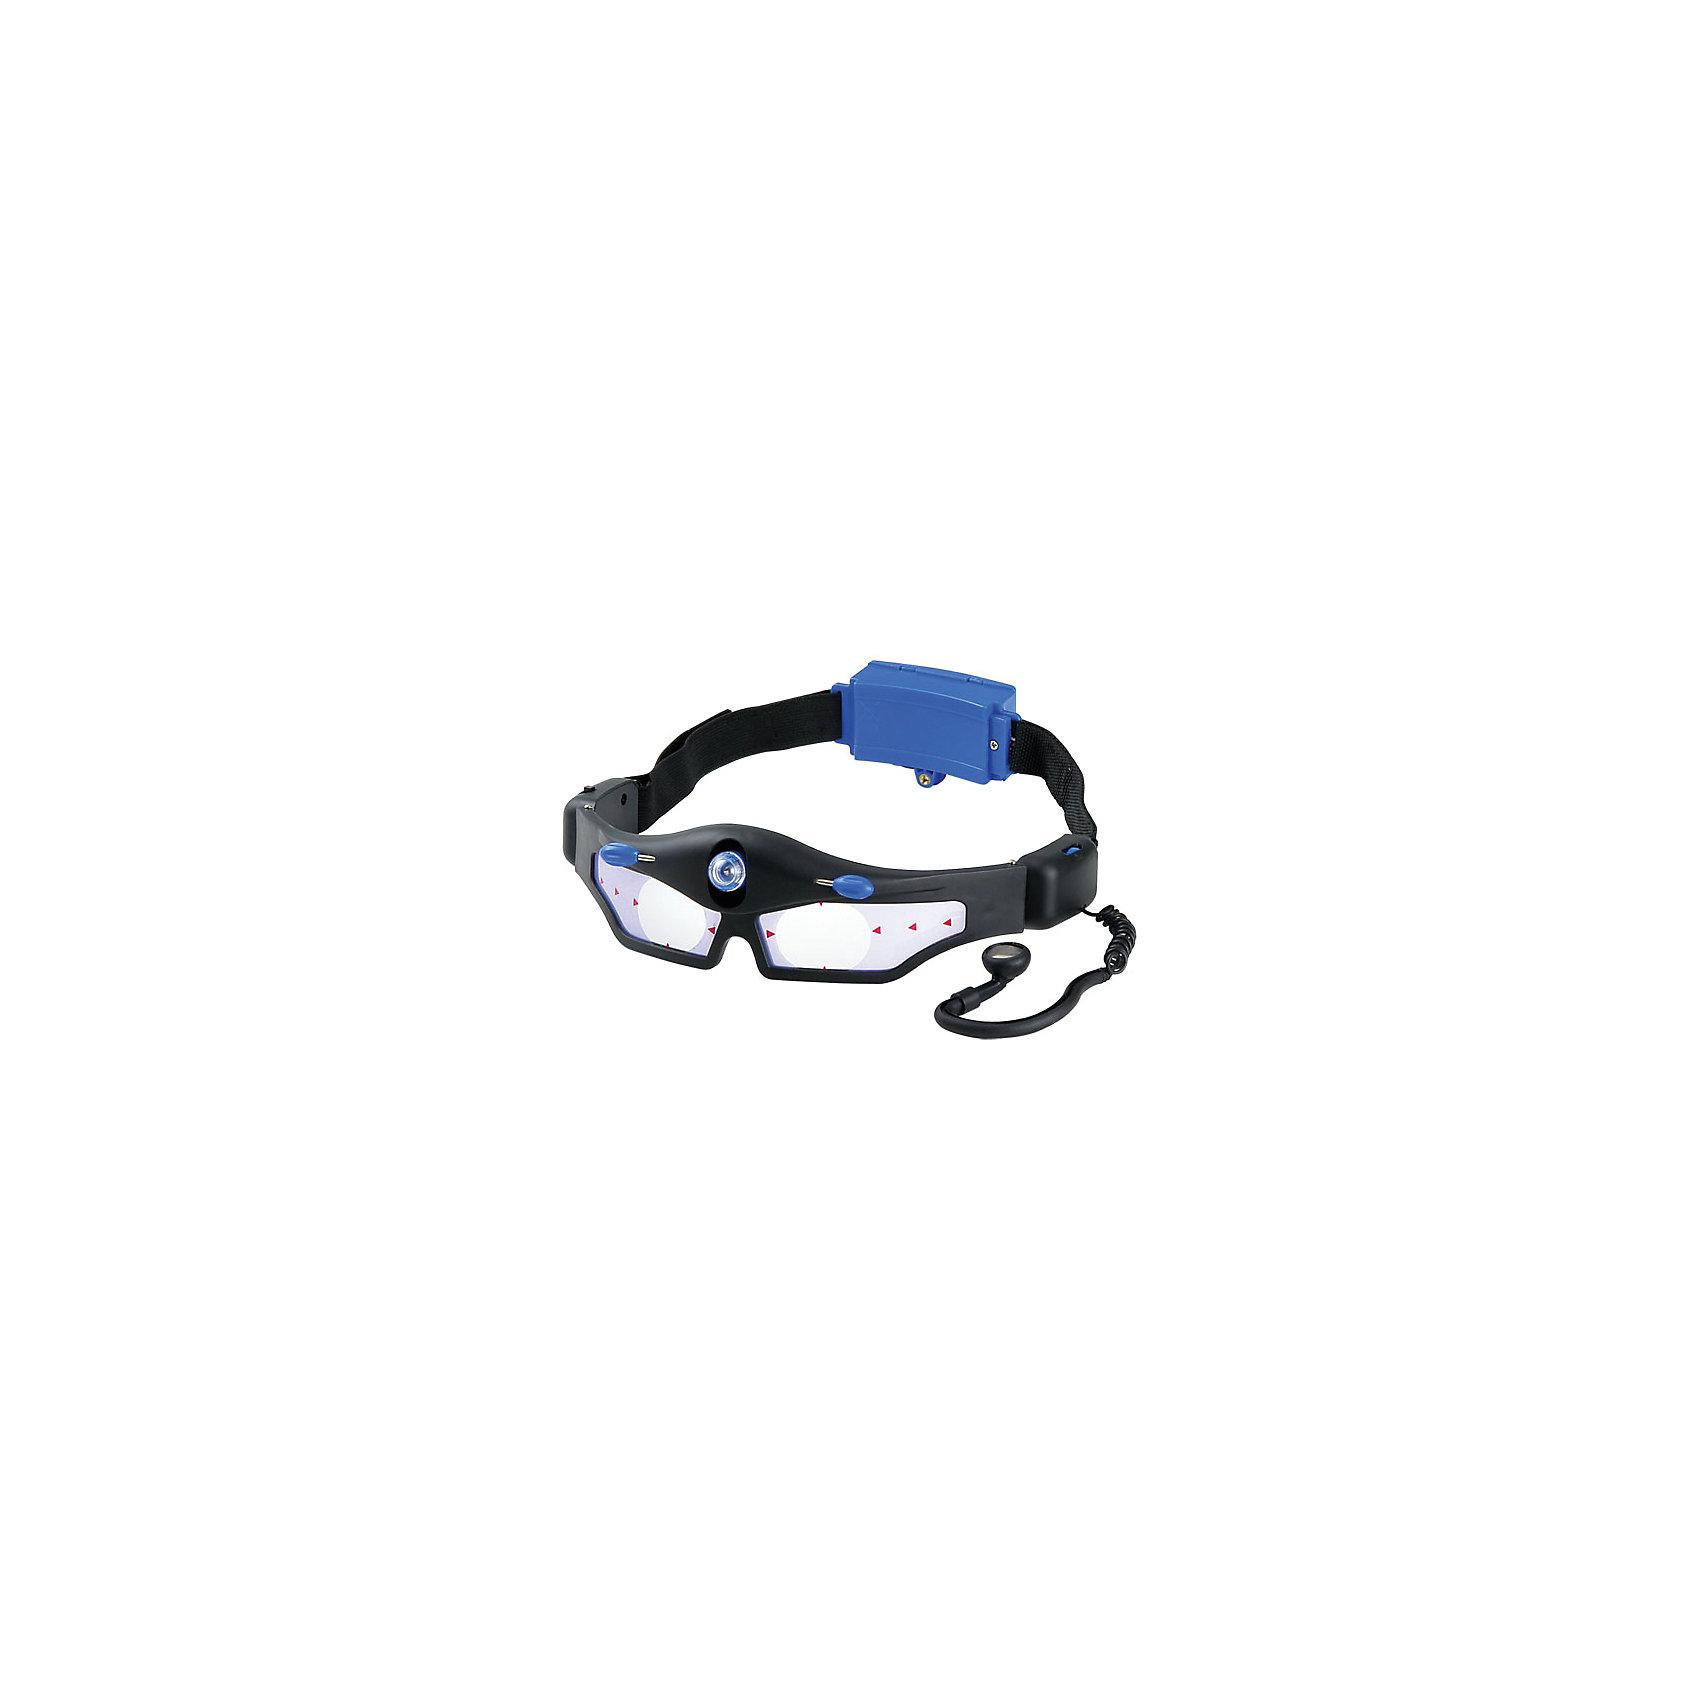 Шпионские очки, Edu-ToysШпионские очки, Edu-Toys - оригинальный подарок, который обязательно порадует маленького детектива. Шпионское устройство представляет из себя очки из прочного пластика, со встроенными в оправу подслушивающим устройством и фонариком. Подслушивающее устройство способно усиливать тихие звуки и разговор, который происходит за стеной или на расстоянии, а встроенный ограничитель громкости предохранит от слишком громкого звука в наушнике. Налобный фонарик светит в темноте направленным пучком и позволяет рассматривать предметы рядом с собой, при этом сам владелец очков не слишком заметен. Очки достаточно легкие и не создают дискомфорта при использовании.<br><br>Дополнительная информация:<br><br>- Материал: пластик. <br>- Требуются батарейки: 2 х AA (в комплект не входят).<br>- Размер упаковки: 23 х 6,5 х 28 см. <br>- Вес: 0,31 г.<br><br>Шпионские очки, Edu-Toys, можно купить в нашем интернет-магазине.<br><br>Ширина мм: 230<br>Глубина мм: 65<br>Высота мм: 280<br>Вес г: 310<br>Возраст от месяцев: 96<br>Возраст до месяцев: 144<br>Пол: Унисекс<br>Возраст: Детский<br>SKU: 4013743